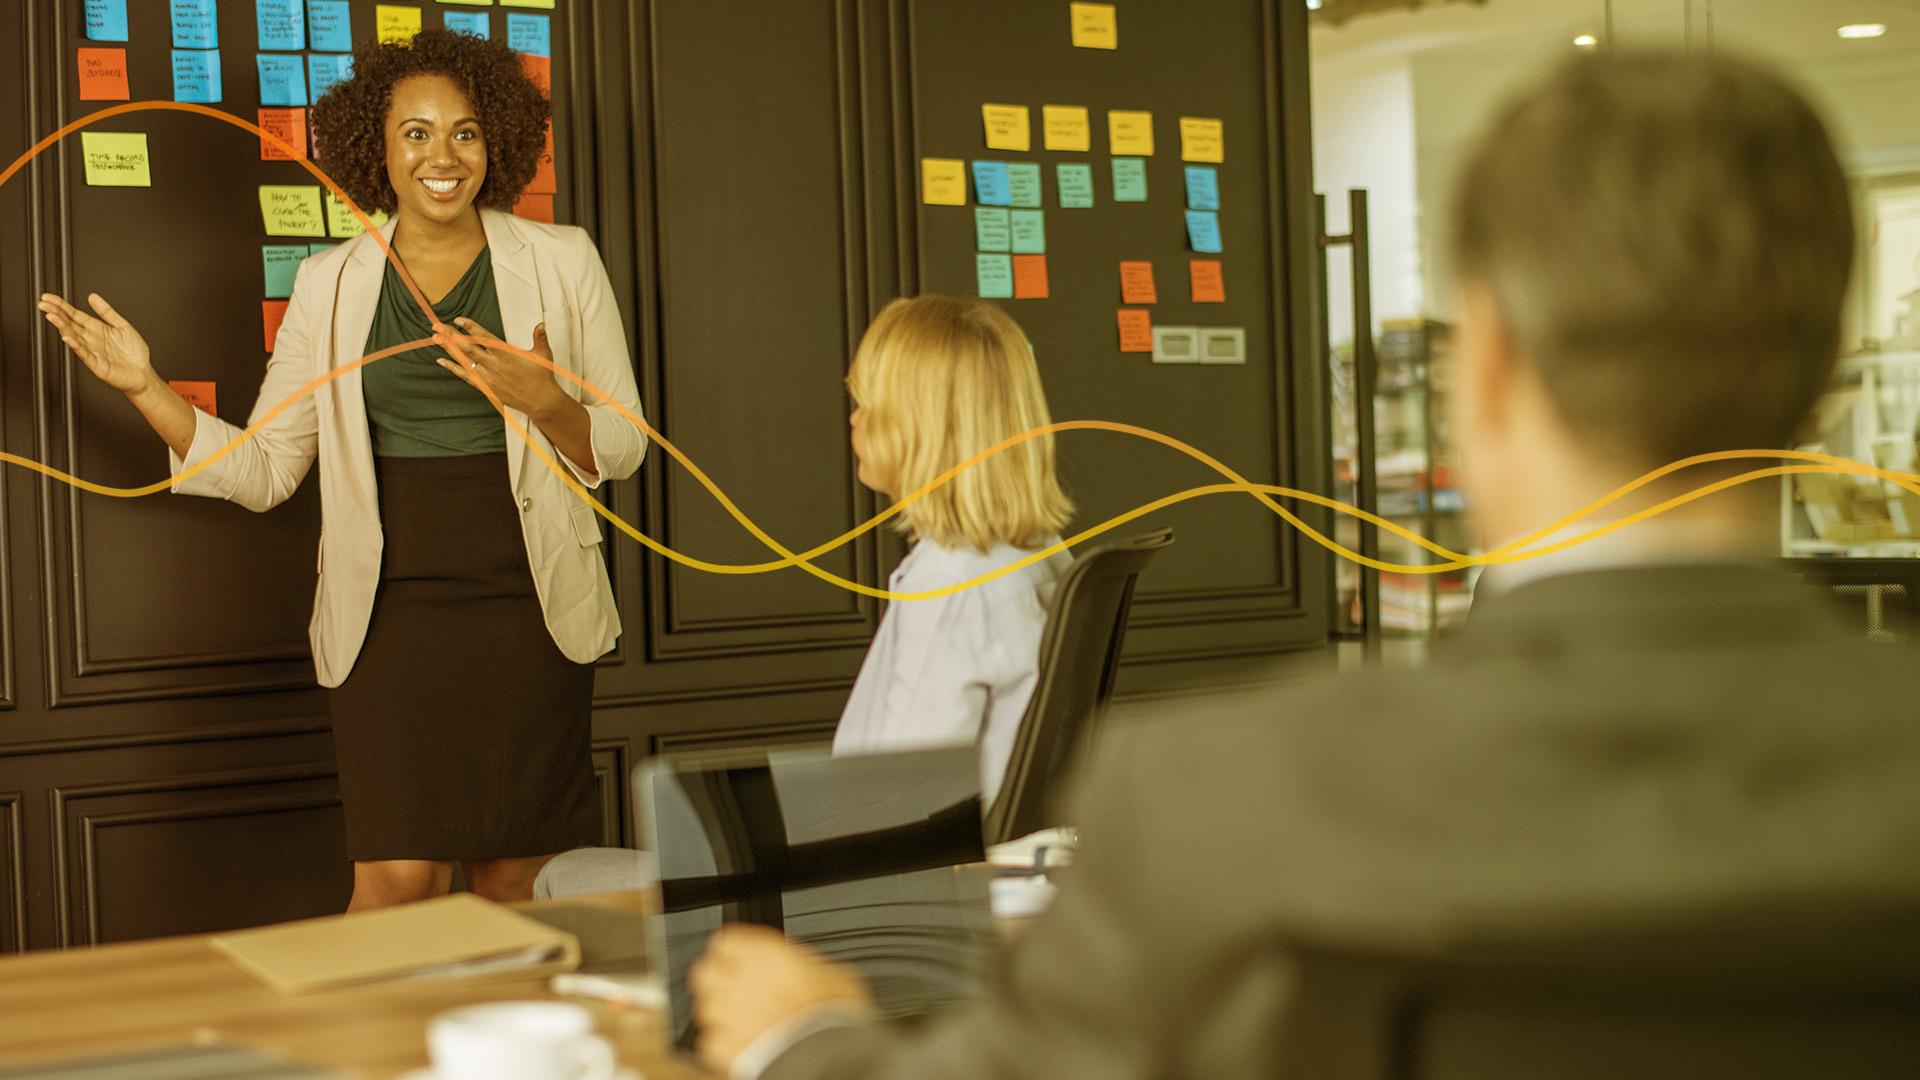 Análise de dados de pesquisas qualitativas: 3 dicas indispensáveis